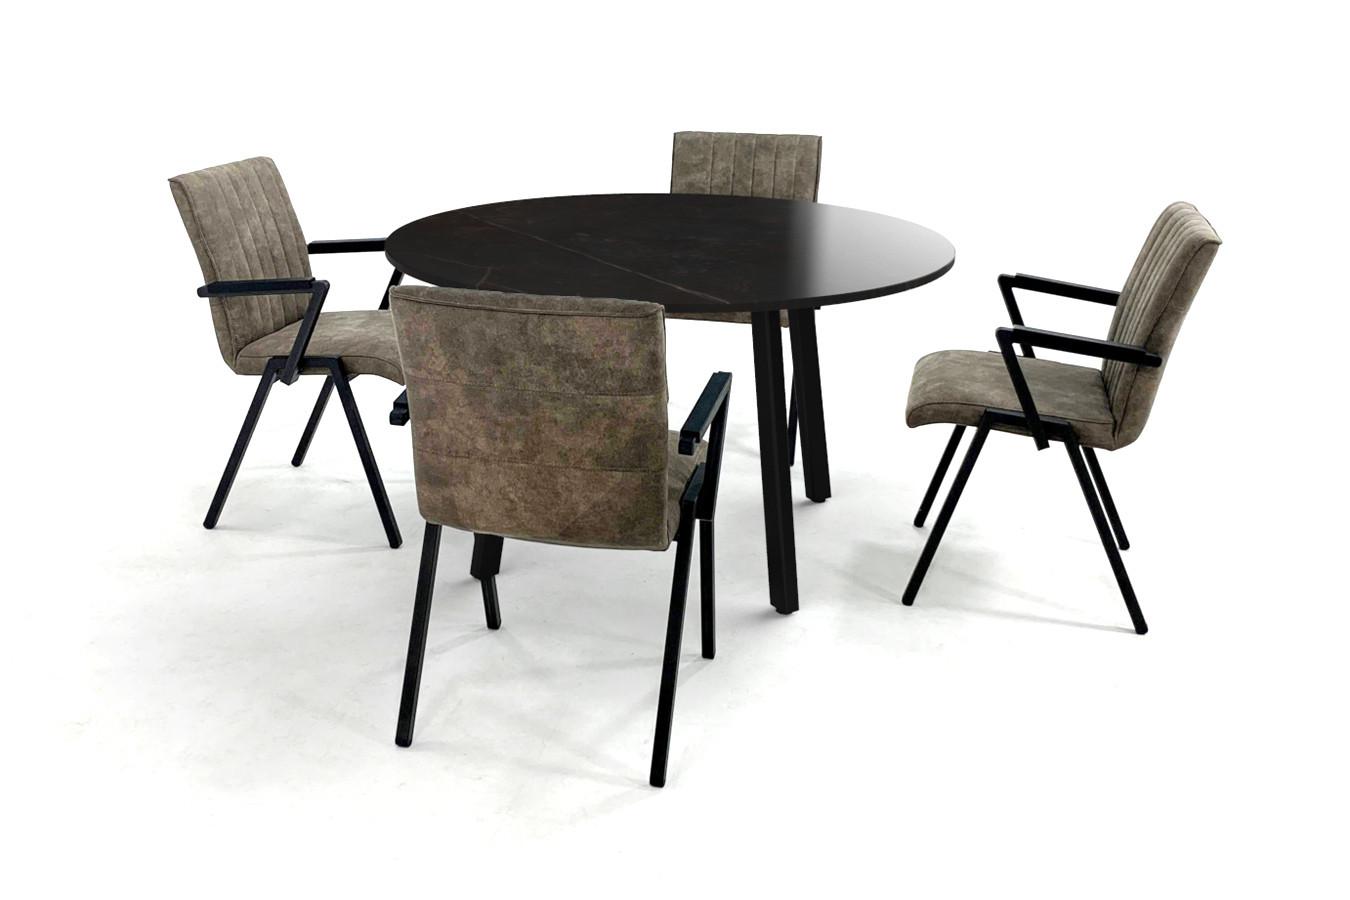 Ronde keramische eettafel met stalen Imperia onderstel en eetkamerstoelen